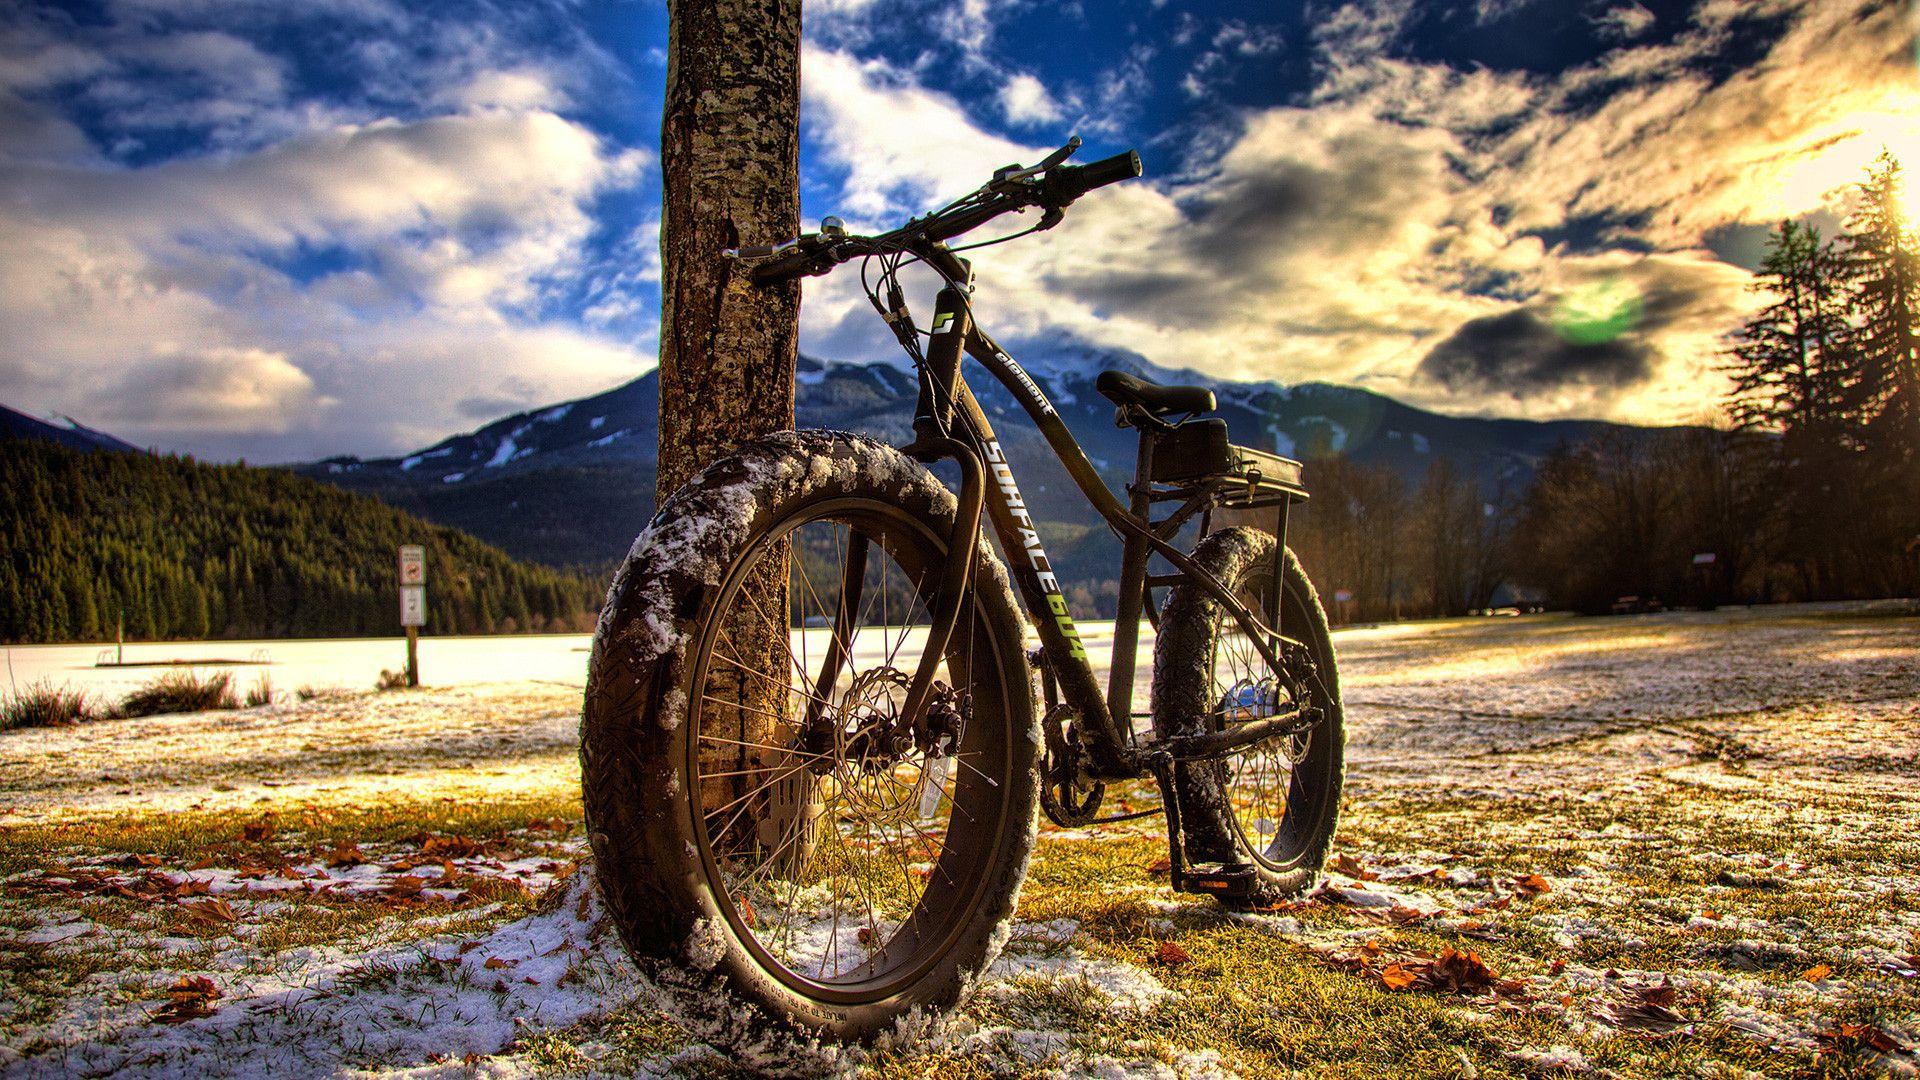 Hdr Mountain Bike Wallpaper 1600x900 Wallpaper Bike ...